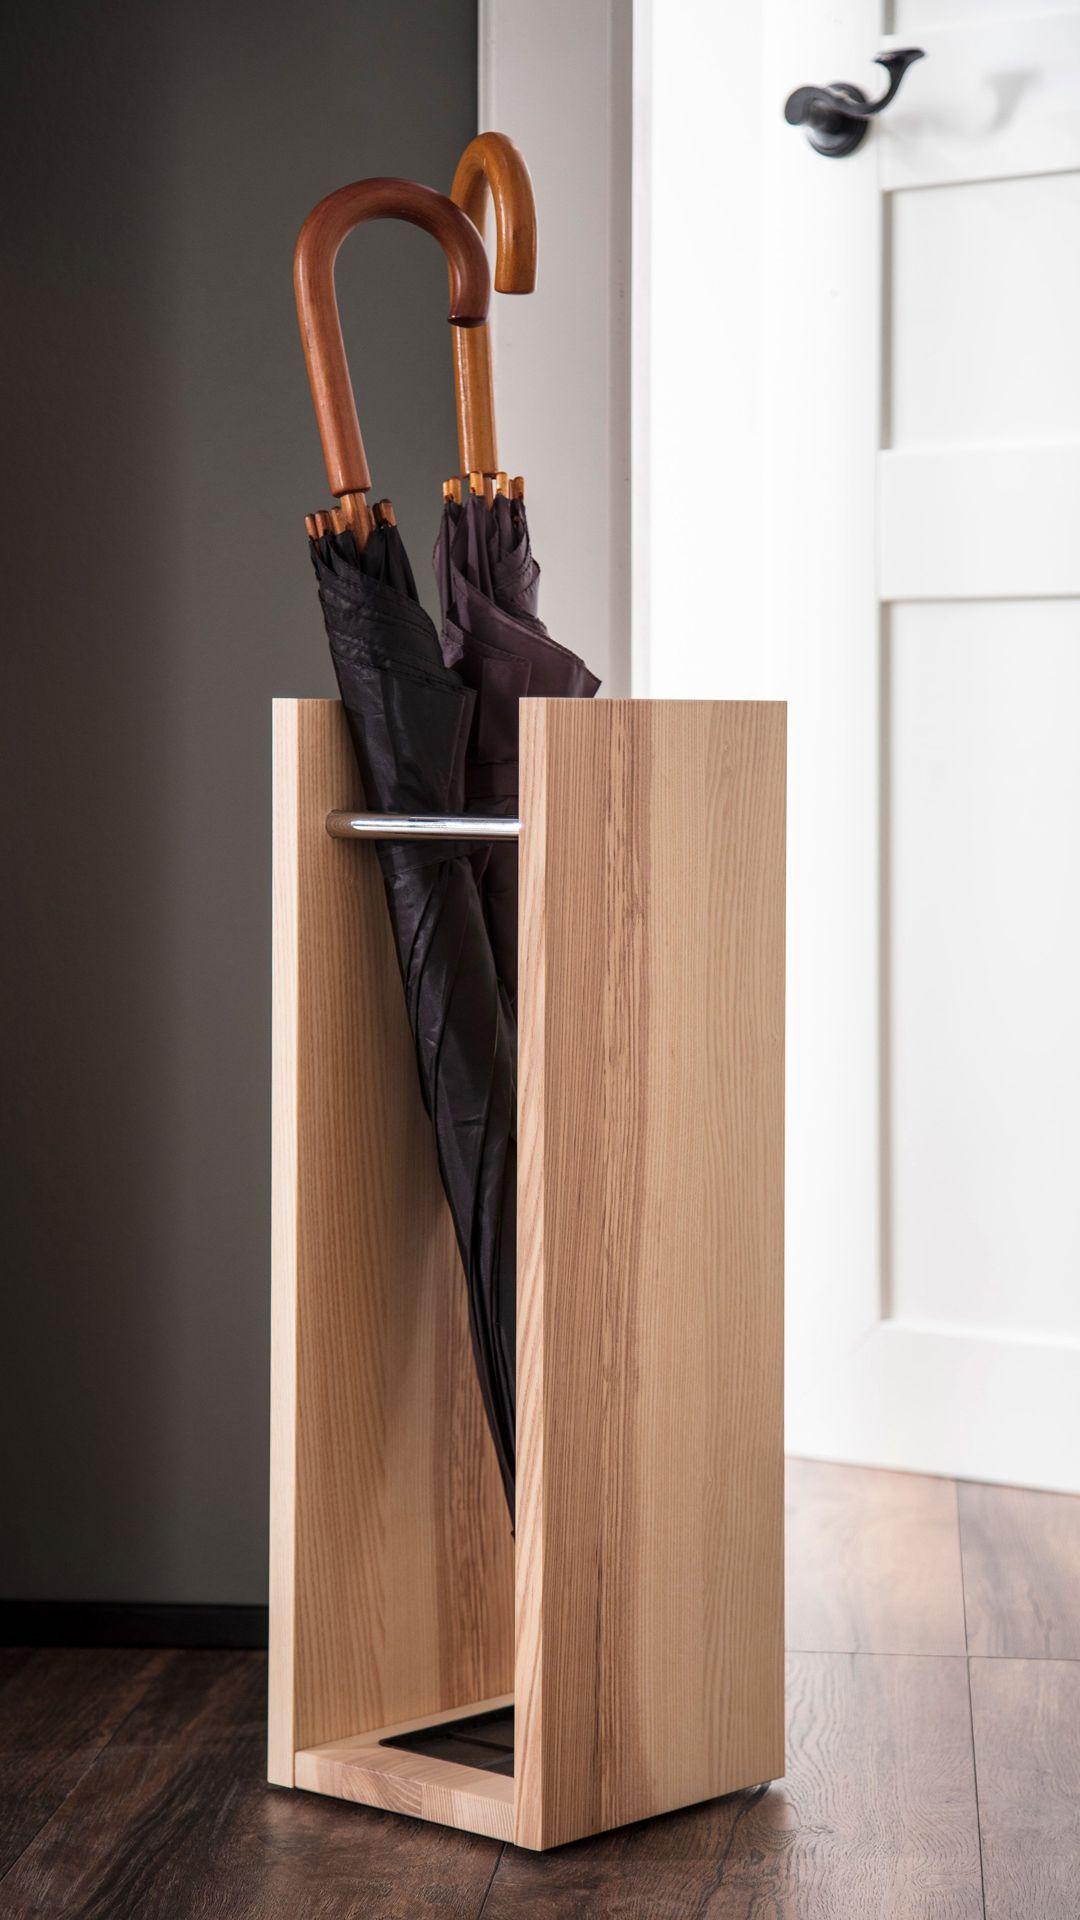 Wittenbreder Garderobe Novara Kernesche Glas Basalt Matt Mobel